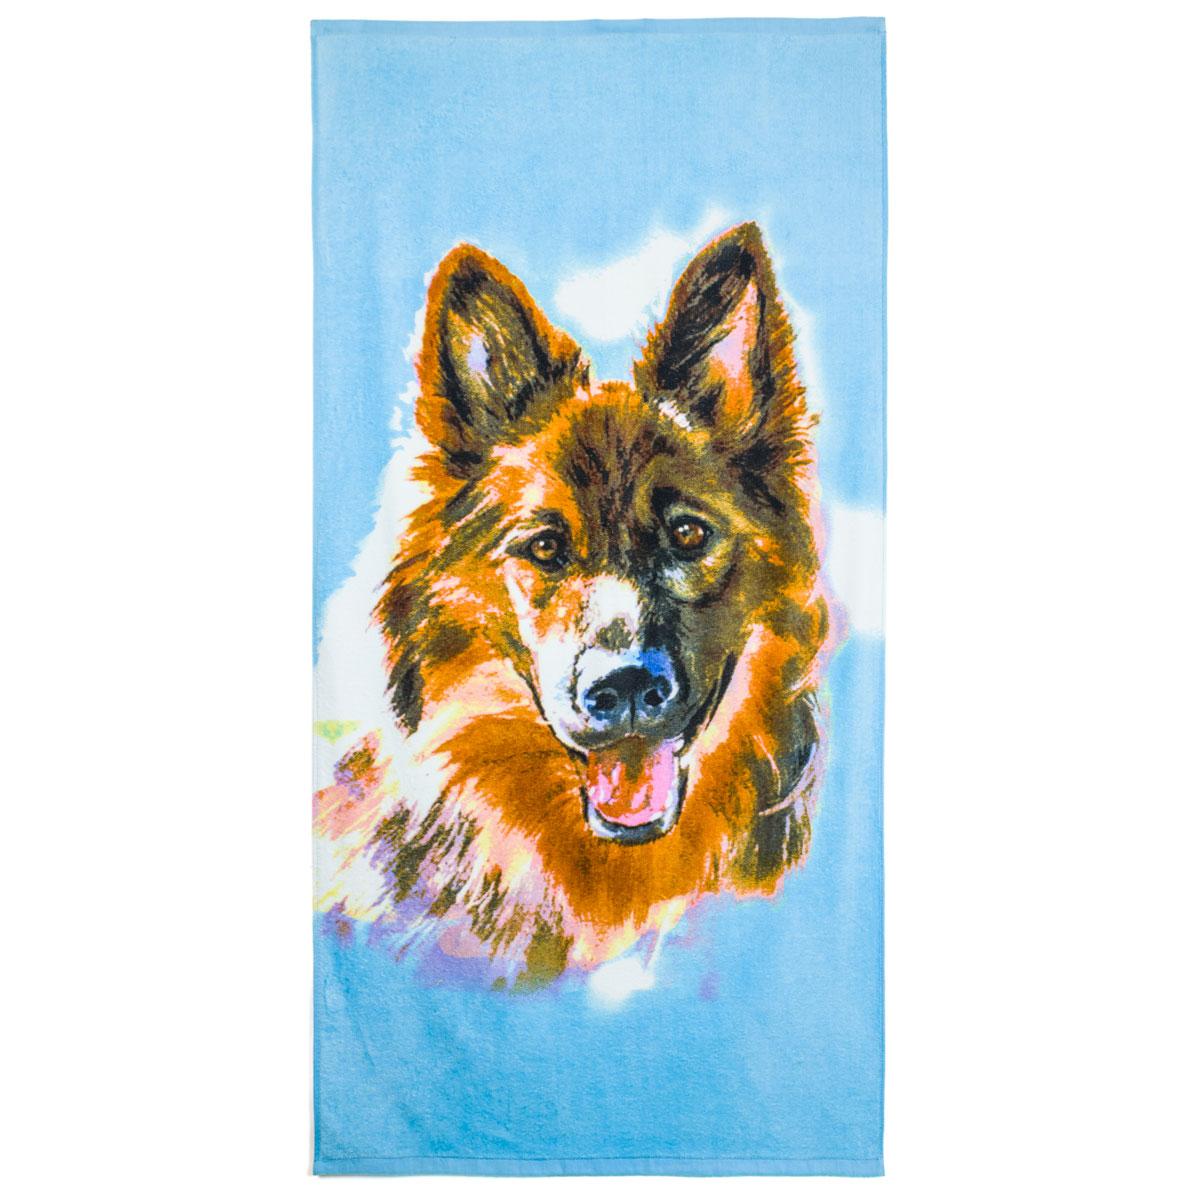 Полотенце  С символом 2018 года  Зеленый р. 65х135 - Текстиль для дома артикул: 29877